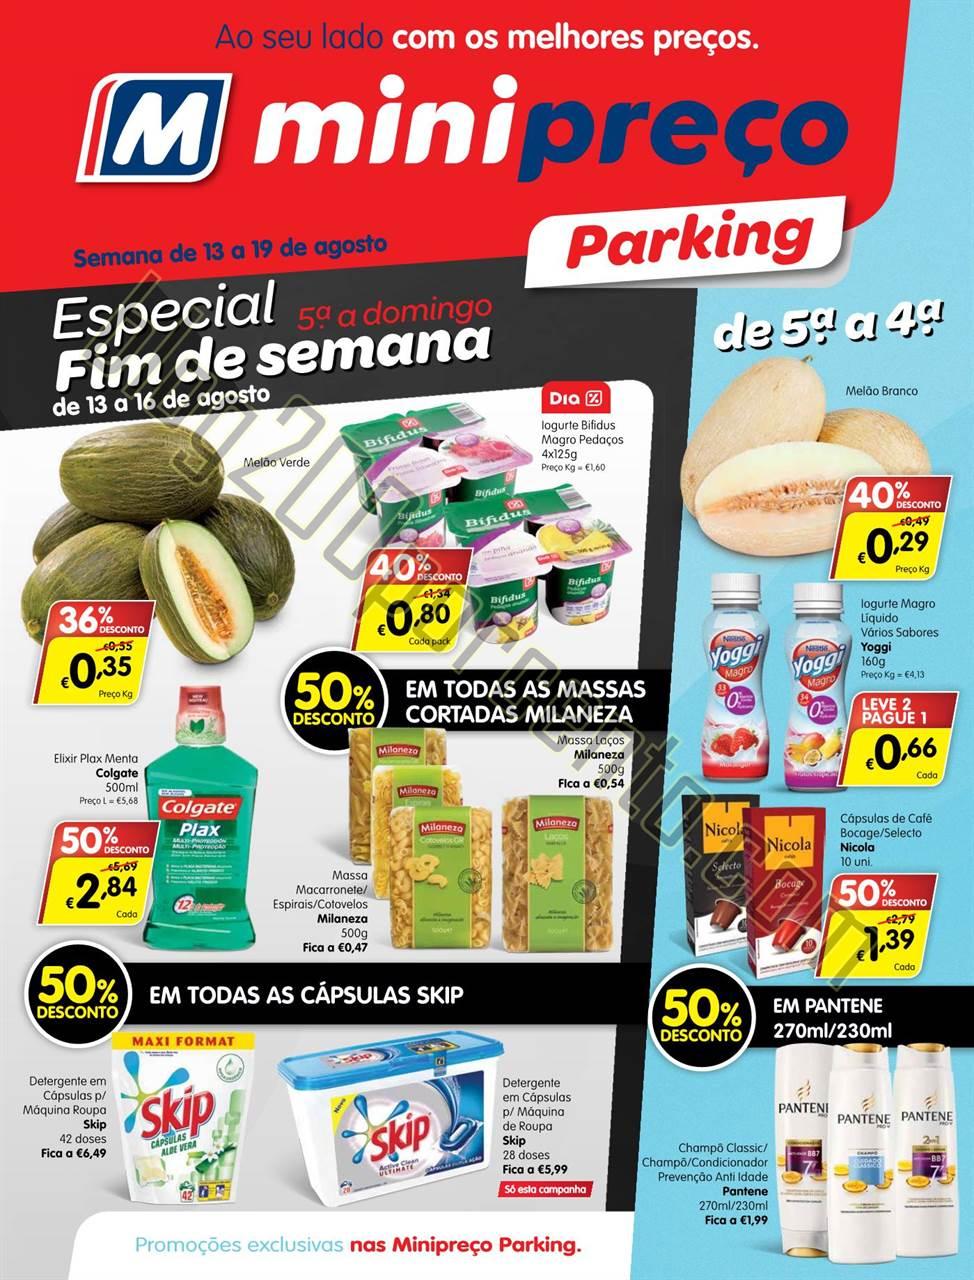 Antevisão Folheto MINIPREÇO Parking de 13 a 19 a